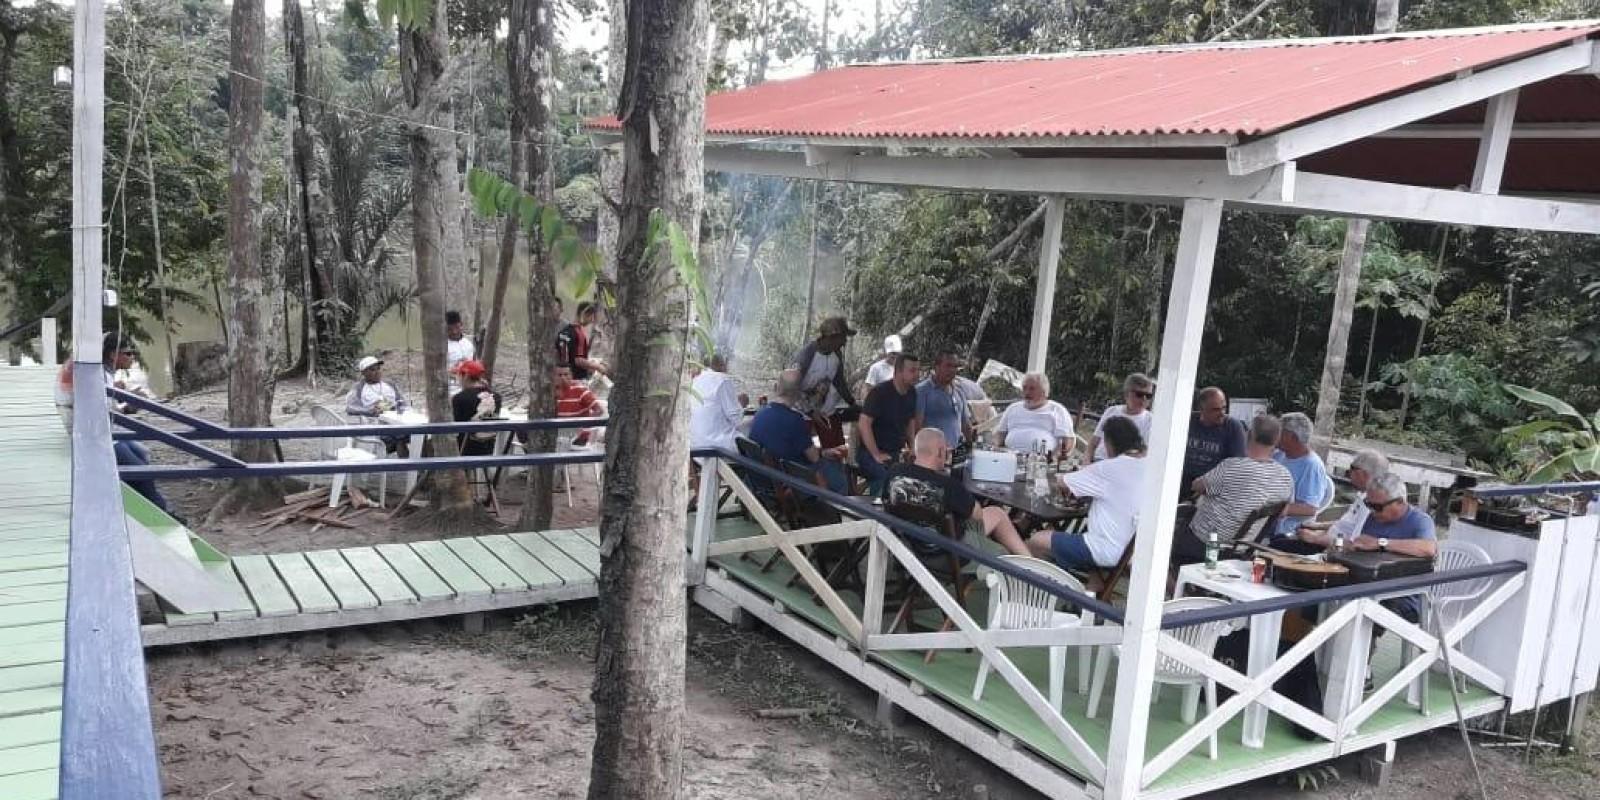 Pousada Acari - Amazônia - Rio Acari - 20 pessoas - Foto 20 de 33